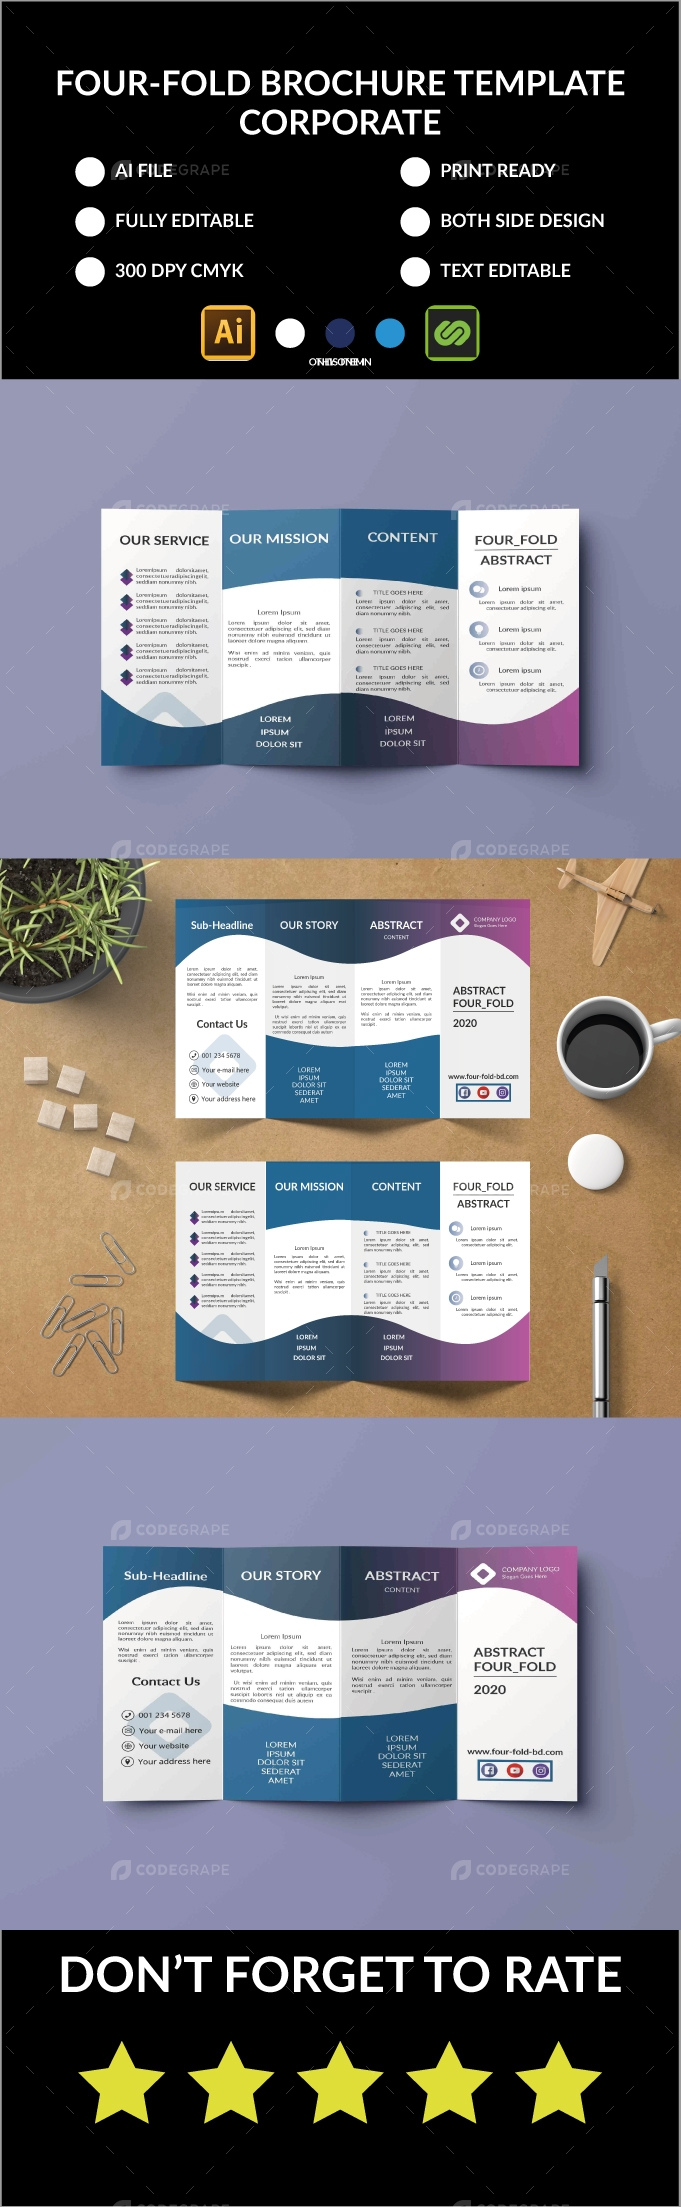 Corporate Four-Fold Brochure